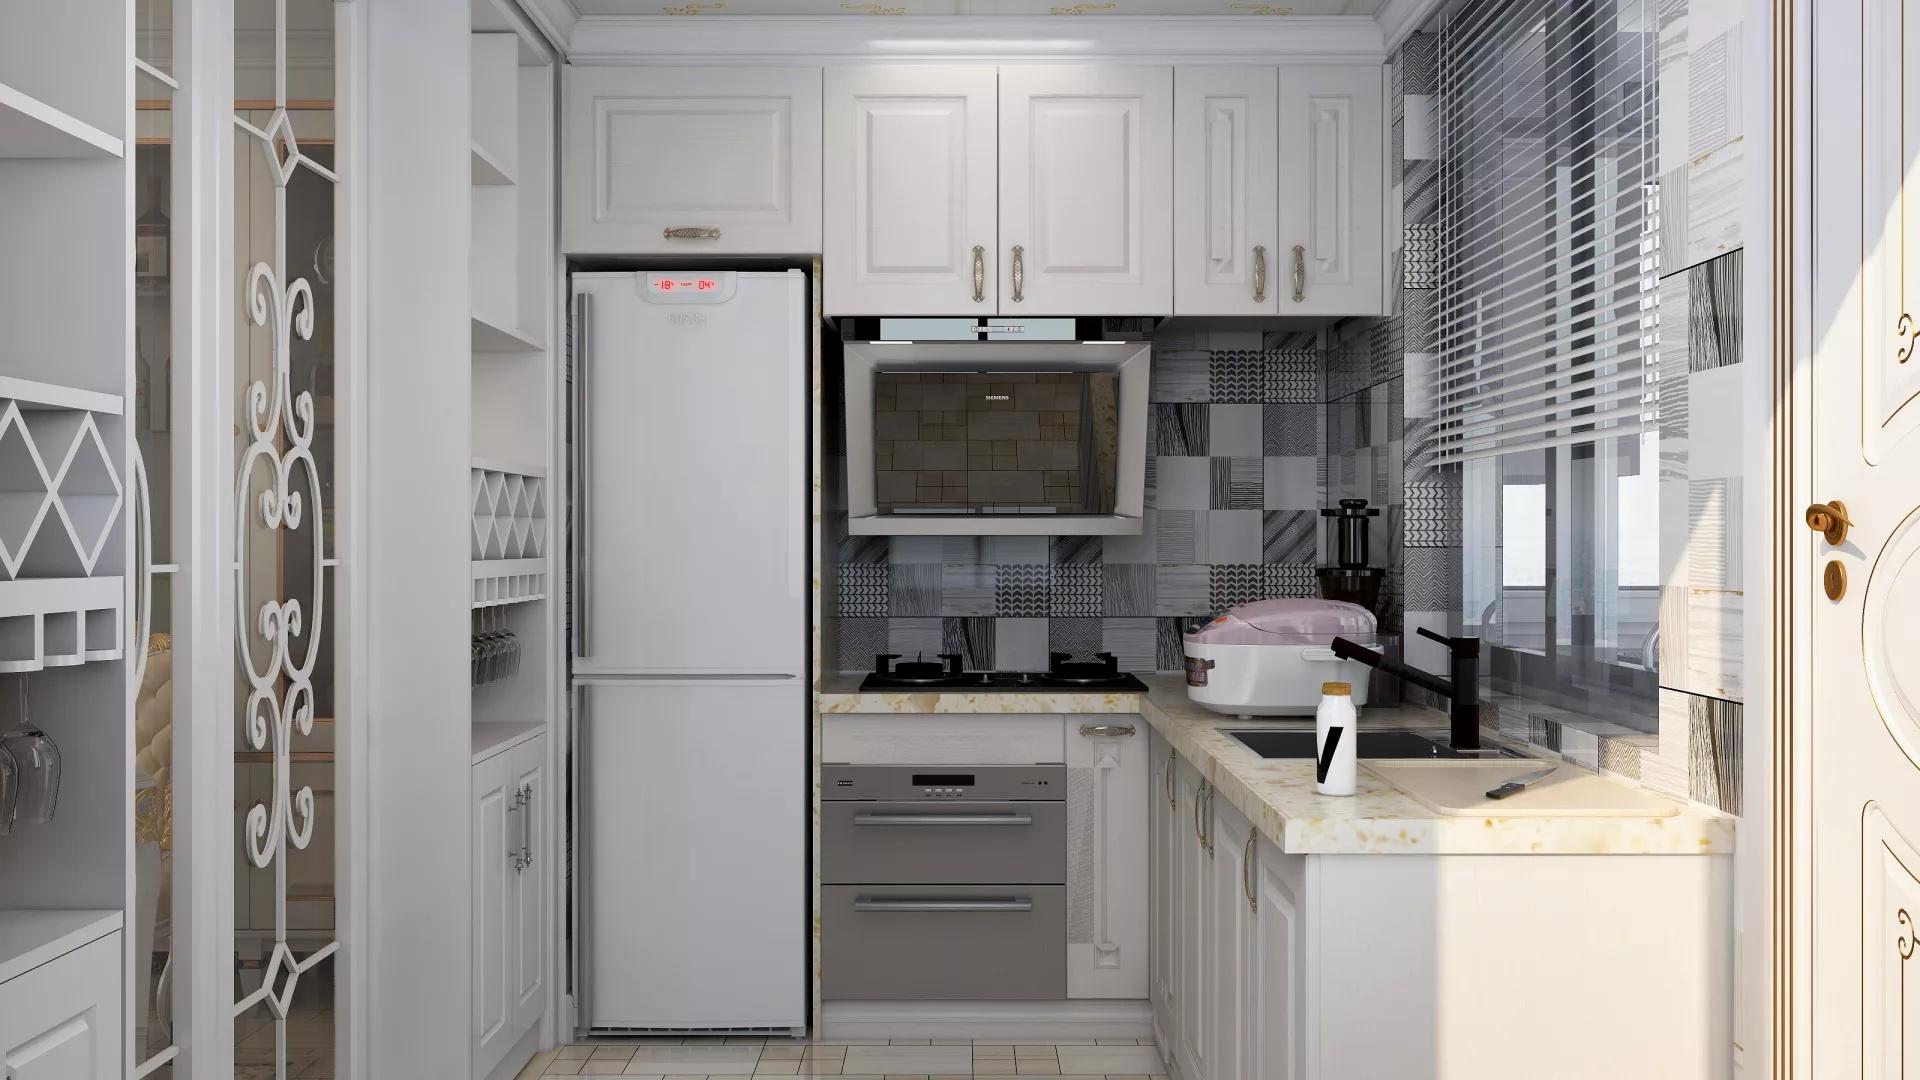 家具市场常见的橱柜材质 十大橱柜材质有哪些